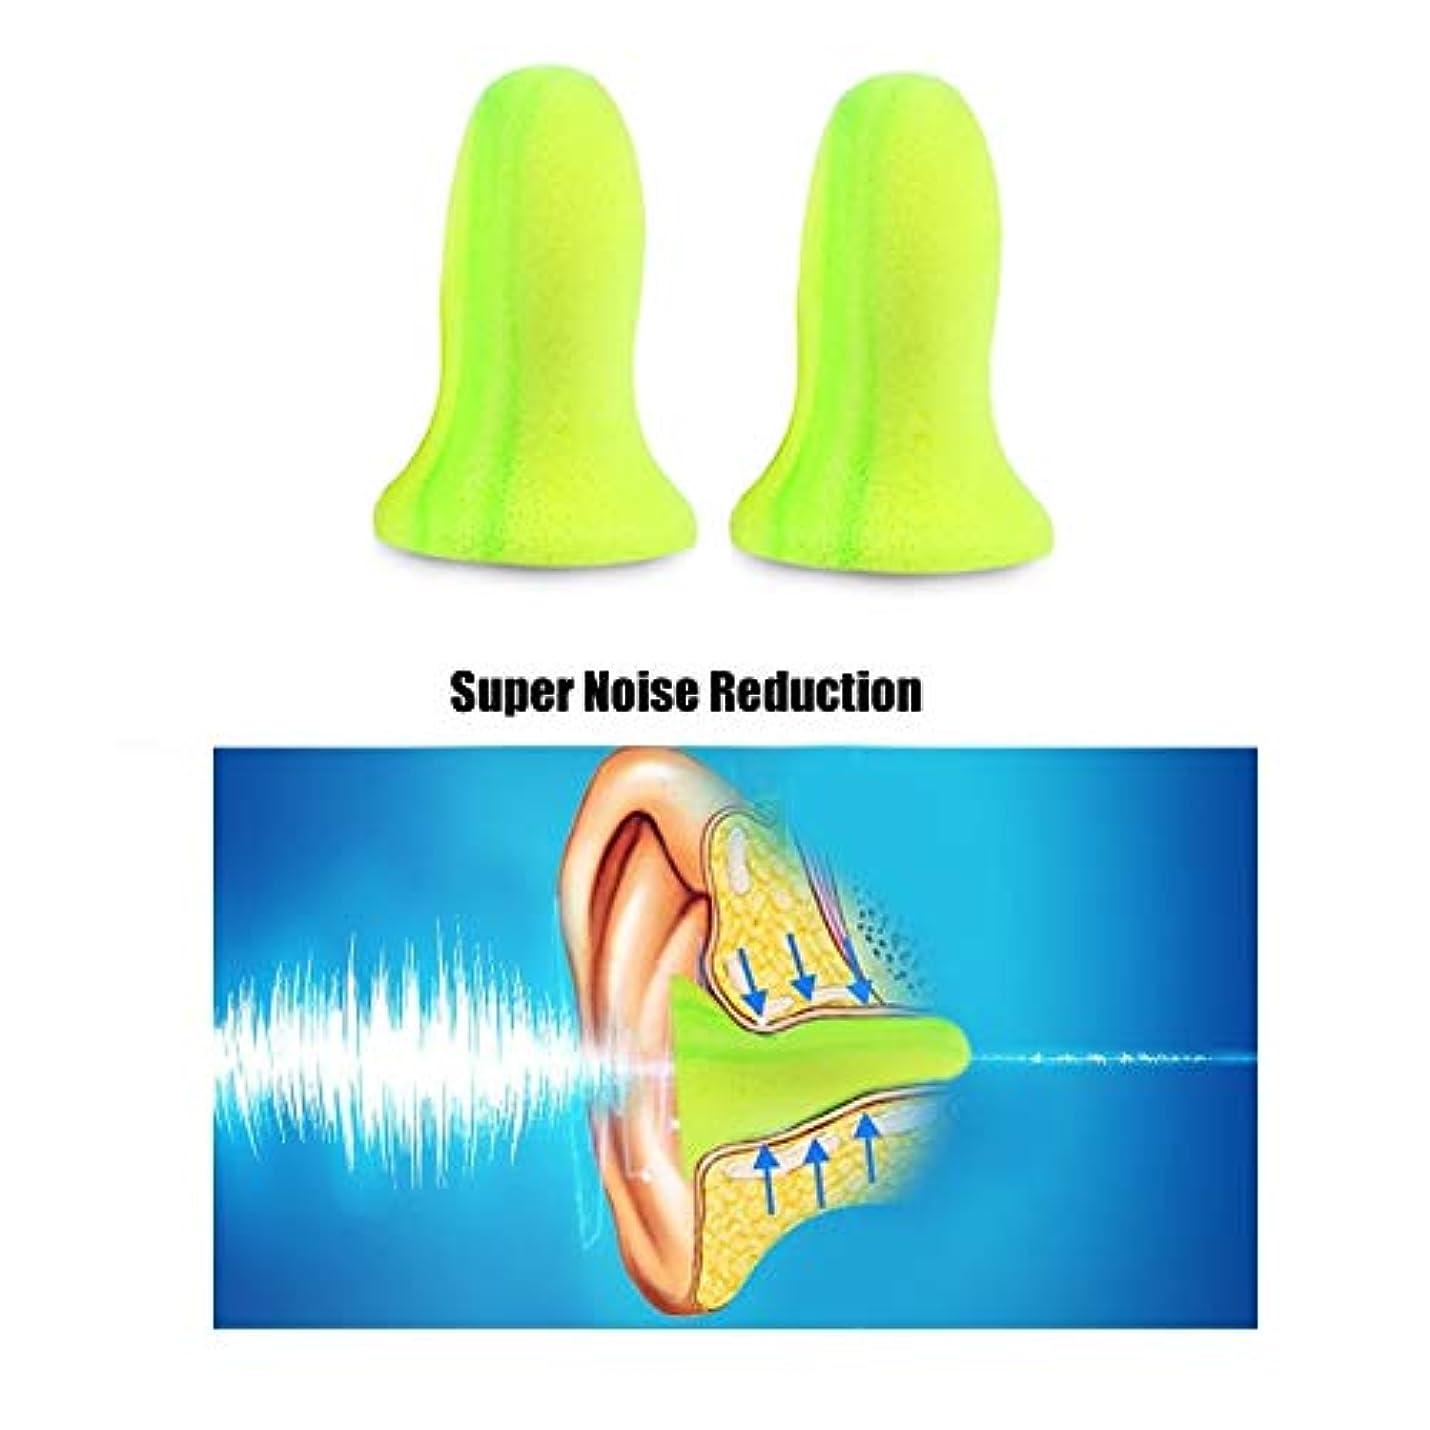 与えるメタルラインシュートNOTE 2ピース/ボックス高品質ソフト泡耳栓旅行睡眠ノイズ防止耳栓ノイズリダクションアクセサリー滑りやすいツール